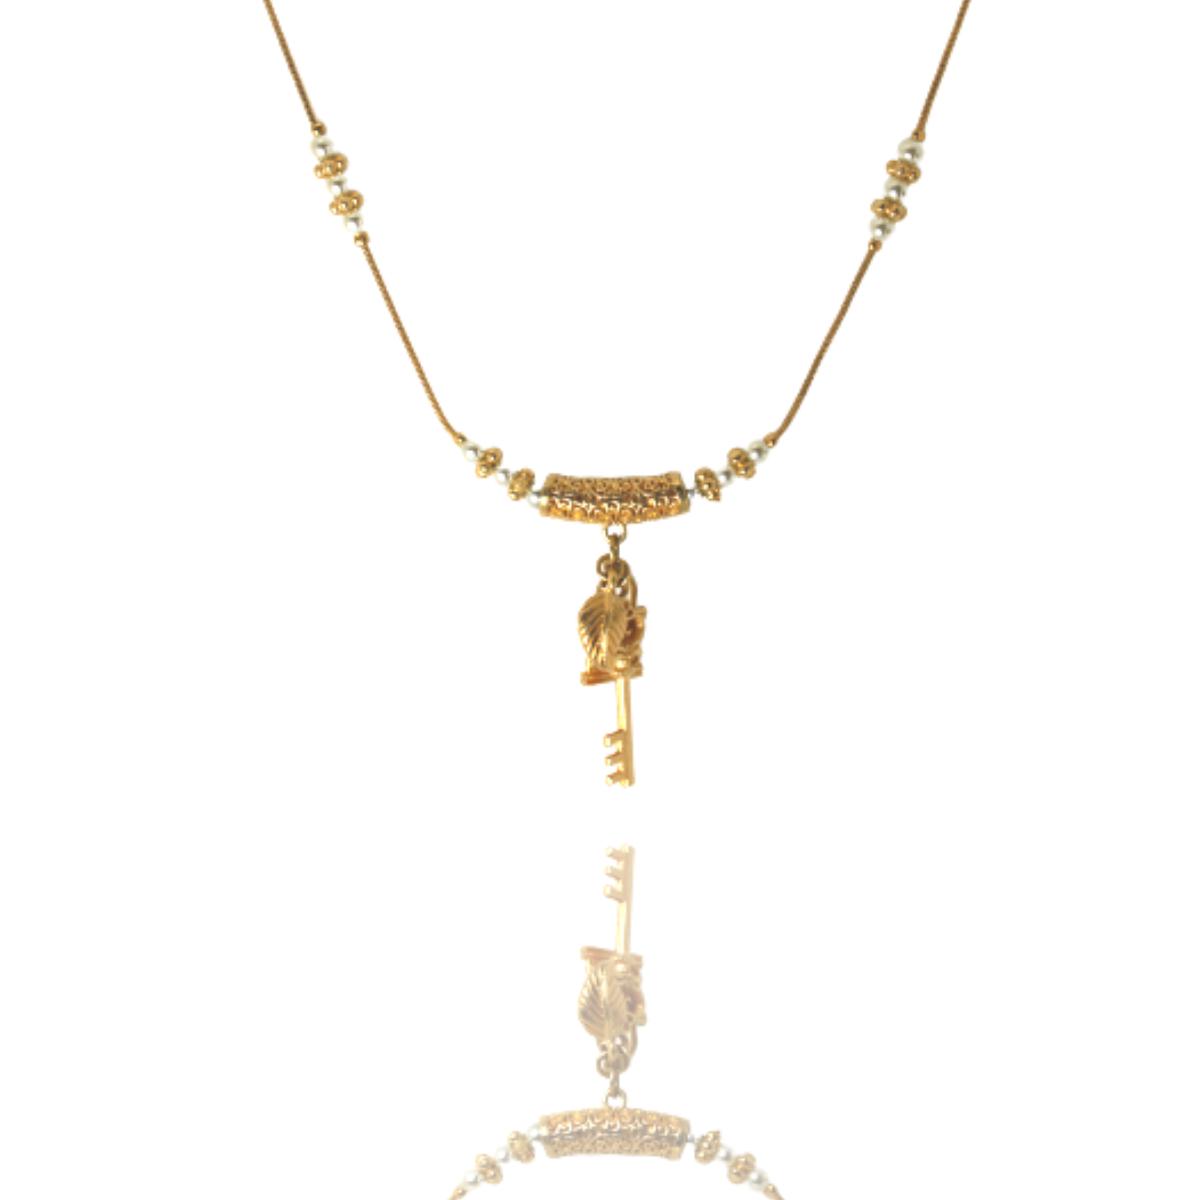 Colar Barbara Strauss Semi Joia Symbols Em Metal e Pérola Lalique, Rev. Em Ouro Amarelo 18K